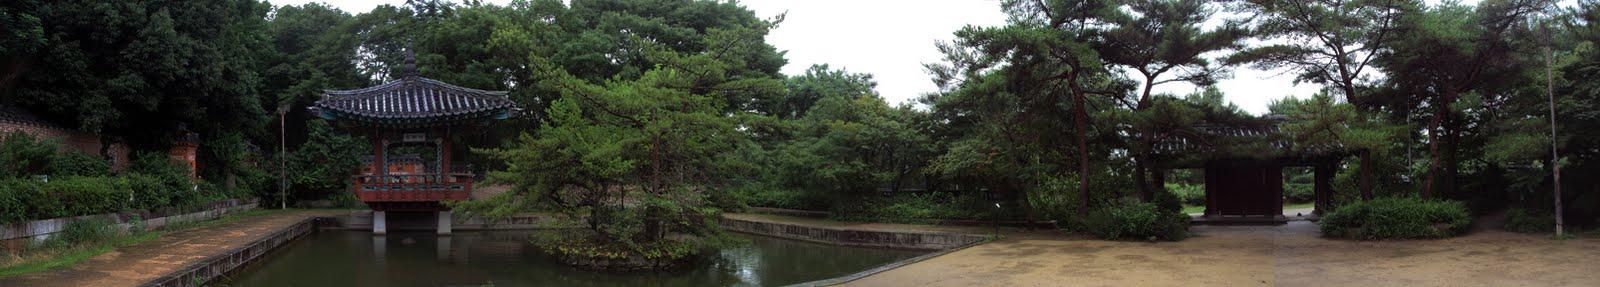 Tsurumi ryokuchi park tennis in japan for Tsurumi ryokuchi swimming pool